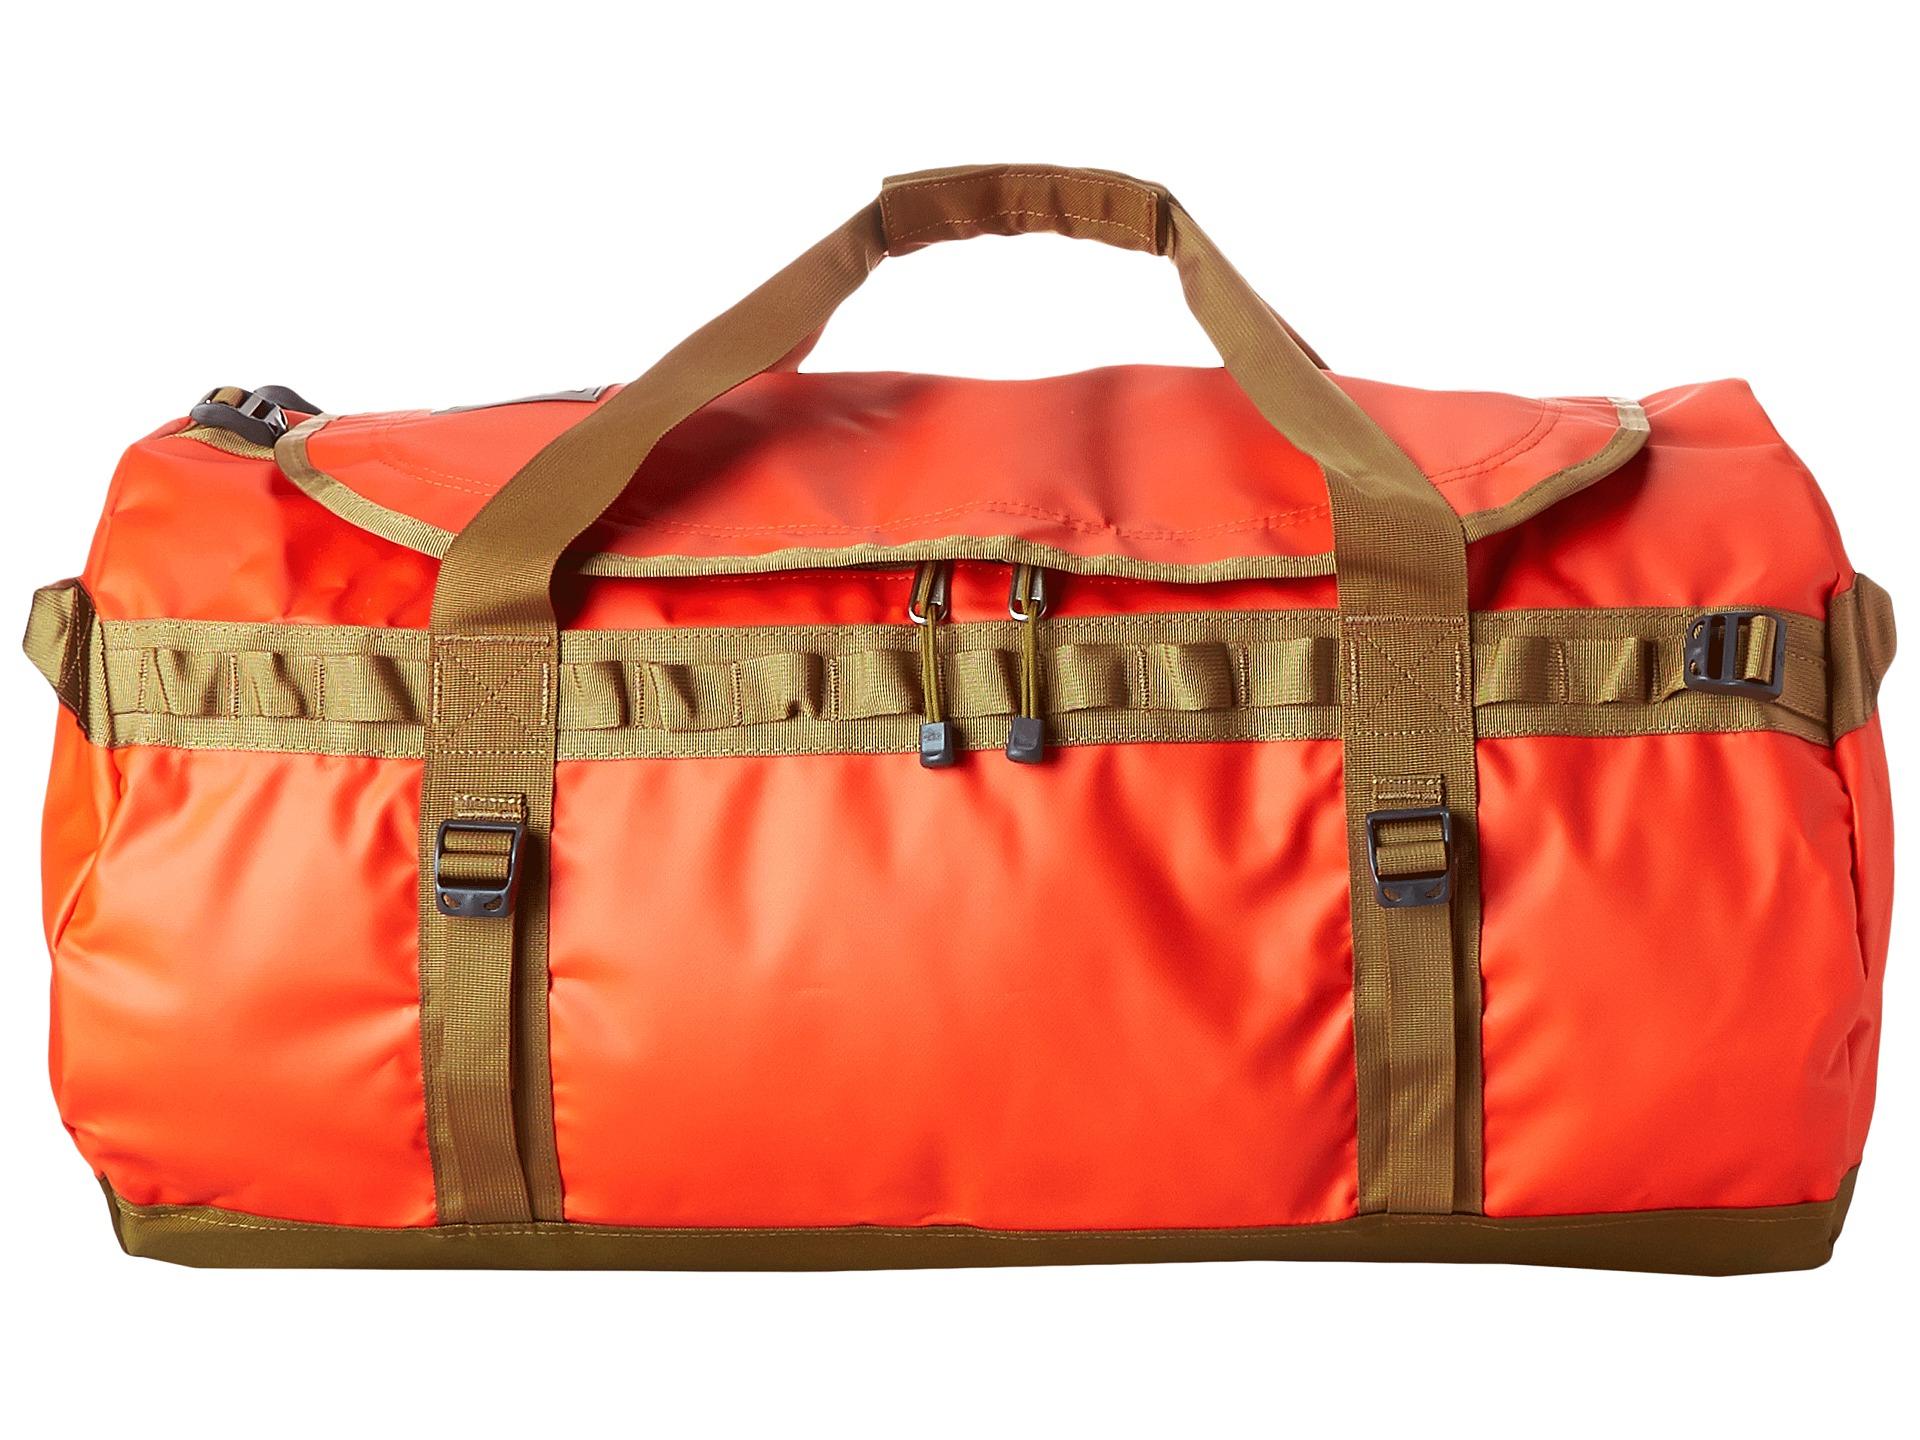 Duffel Bag The North Face Base Camp Duffel Medium (orange-beige) efydrHf